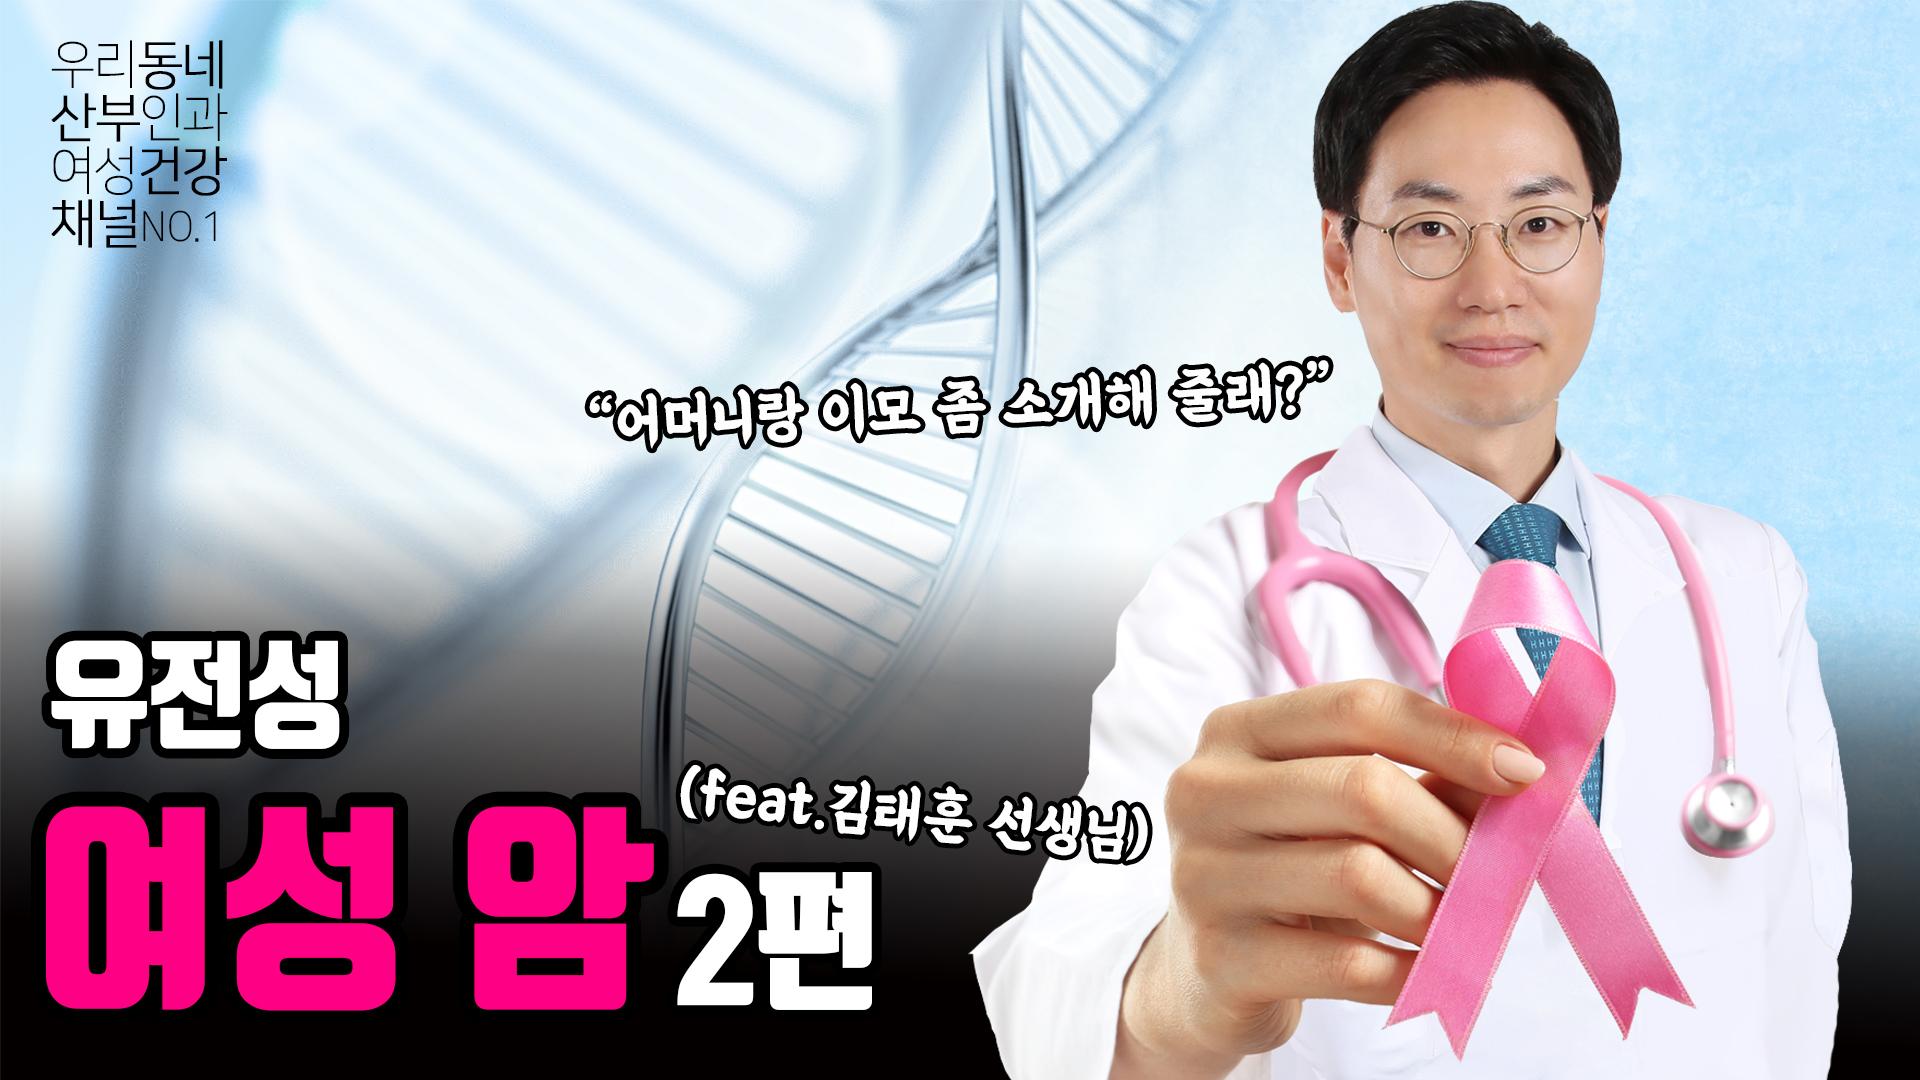 BRCA 유전자 변이가 있다면? 가족에게 있다면?